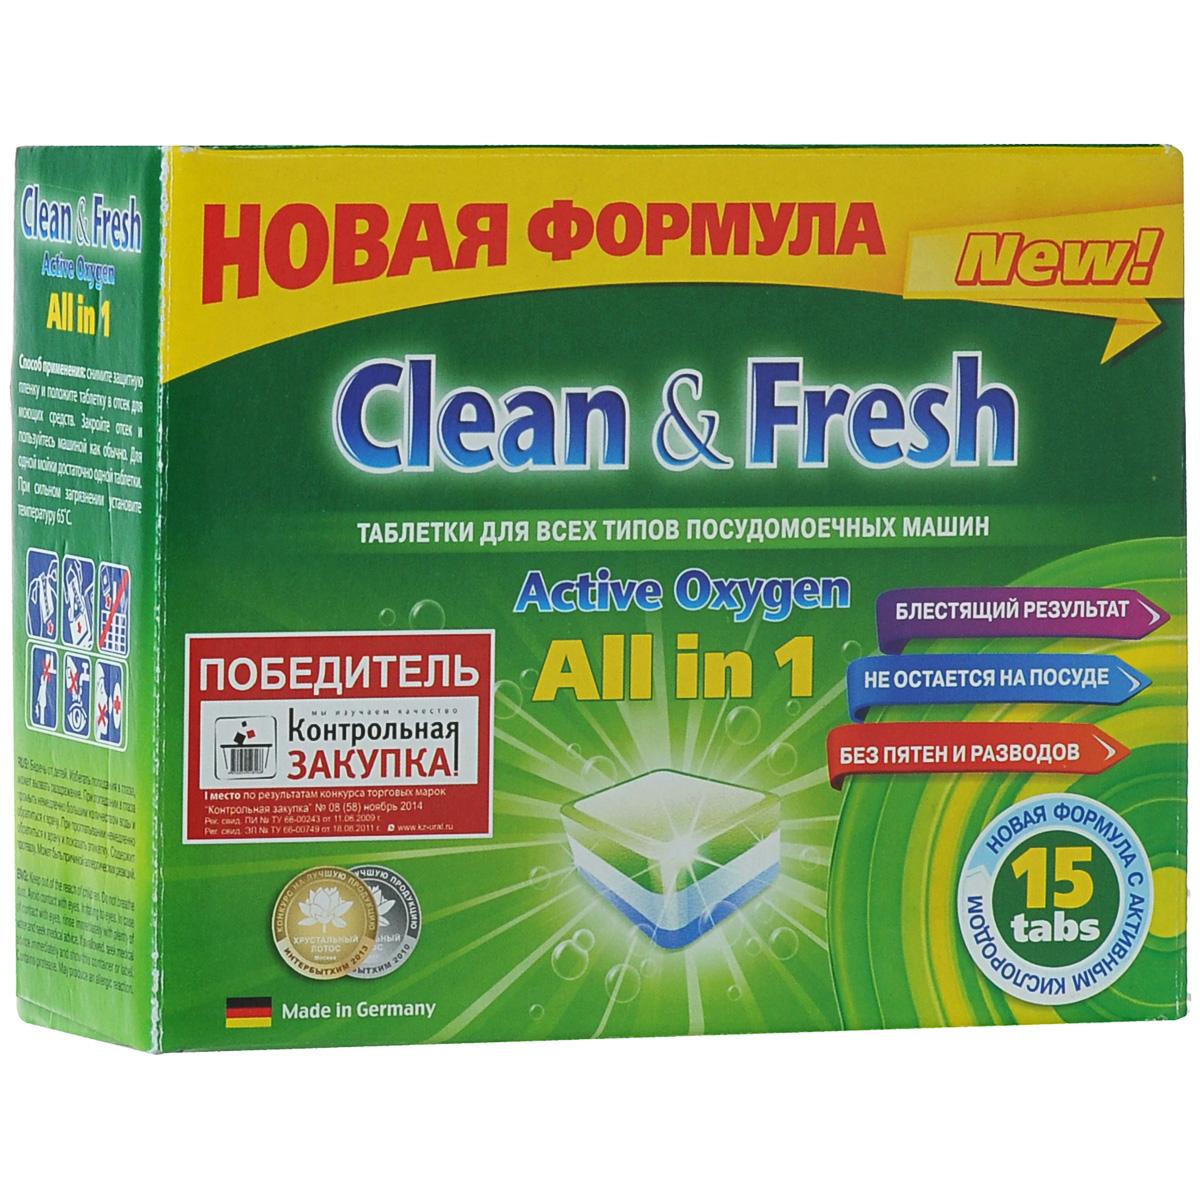 Таблетки для посудомоечных машин Clean & Fresh All in 1, с ароматом лимона, 15 шт16208Применение таблеток Clean & Fresh All in 1 облегчает использование посудомоечных машин. Дополнительные вещества, входящие в состав таблеток защищают машину от образования накипи на нагревательных элементах, способствуют лучшему результату при мытье посуды, существенно экономят ваше время. Удаляют даже самые сильные загрязнения.Таблетки Clean & Fresh All in 1 имеют четыре цветных слоя: зеленый - для лимонного запаха и защиты стекла от коррозии, синие микро-жемчужины - для блестящей посуды и сияющего стекла, белый - для защиты посудомоечной машины от образования накипи и наслоений извести, синий - сила очистки с активным кислородом. Достаточно поместить одну таблетку в дозатор посудомоечной машины и посуда приобретает идеальную чистоту и свежесть, без разводов и известковых пятен.Вес одной таблетки: 20 г. Количество таблеток в упаковке: 30 шт. Состав таблеток: триполифосфат натрия - более 30%; карбонат натрия, бикарбонат натрия - 15-30%; перкарбонат натрия - 5-15%; силикат натрия, поликарбоксилаты, неионные ПАВ, ТАЕД, энзимы, фосфонаты, отдушка, краситель - менее 5%.Как выбрать качественную бытовую химию, безопасную для природы и людей. Статья OZON Гид